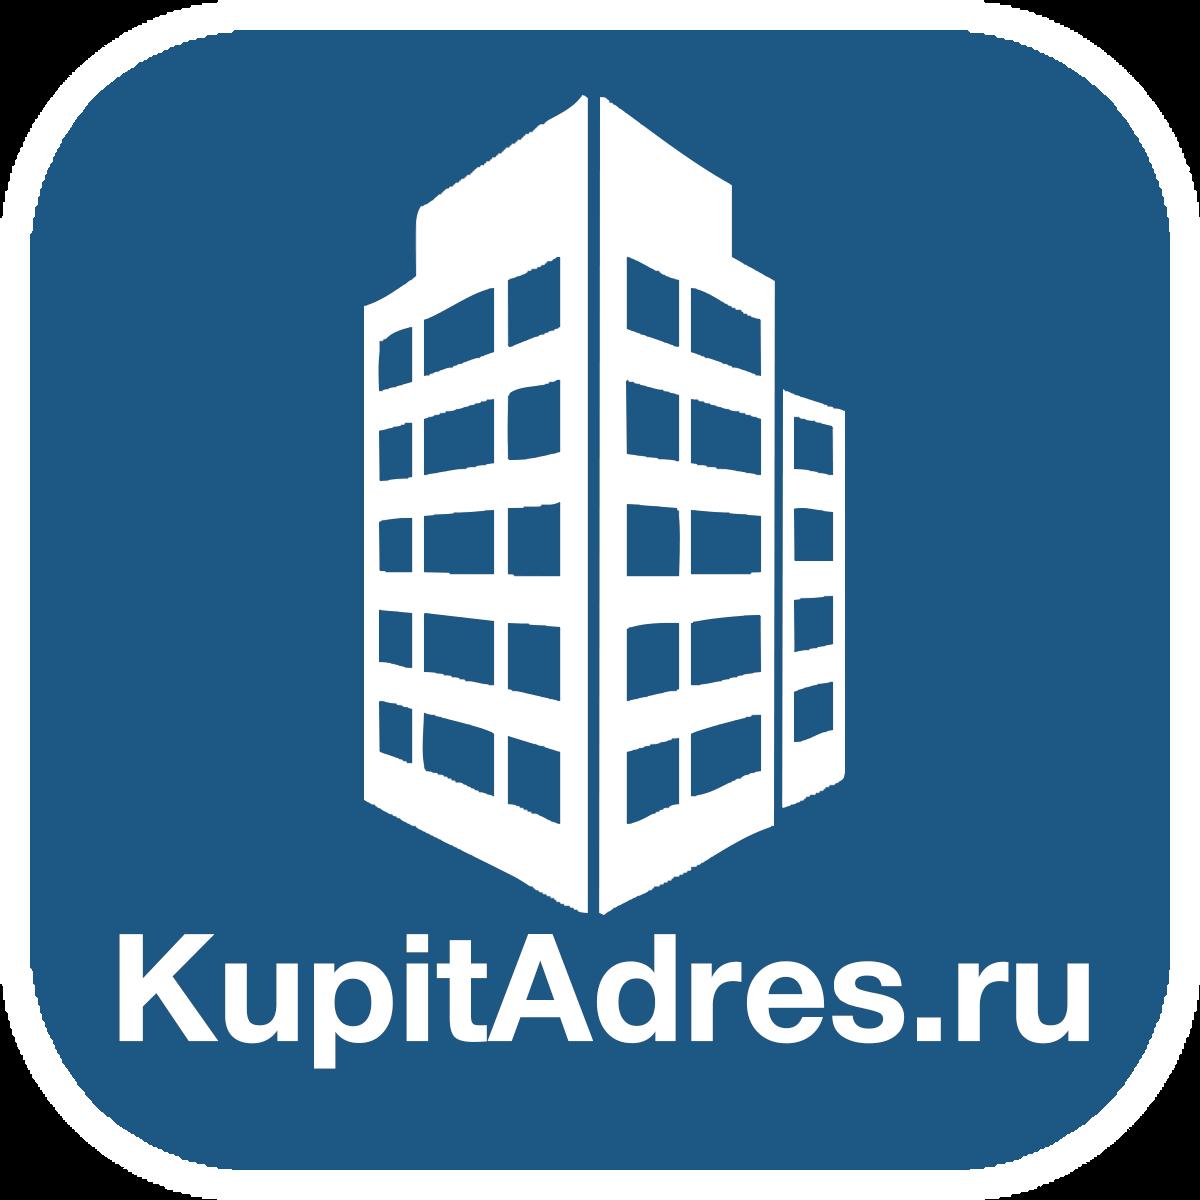 Купить юридический адрес в Москве от собственника для регистрации ООО KupitAdres.ru